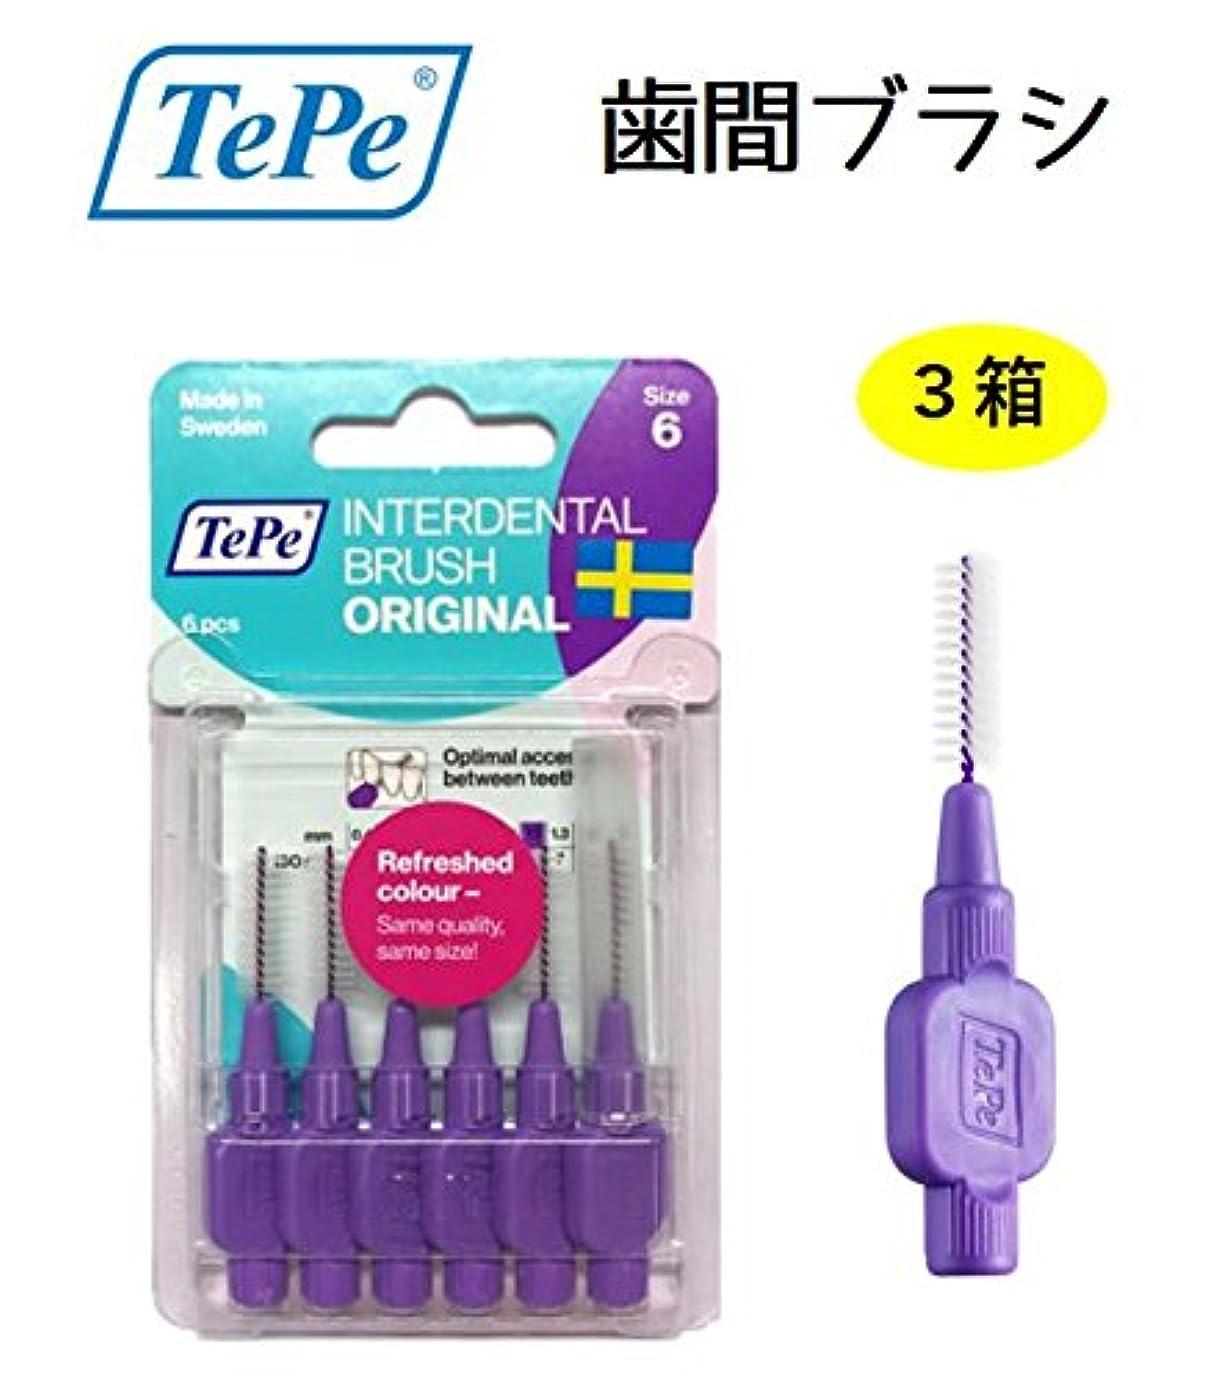 コーヒーベテラン気難しいテペ 歯間プラシ 1.1mm ブリスターパック 3パック TePe IDブラシ